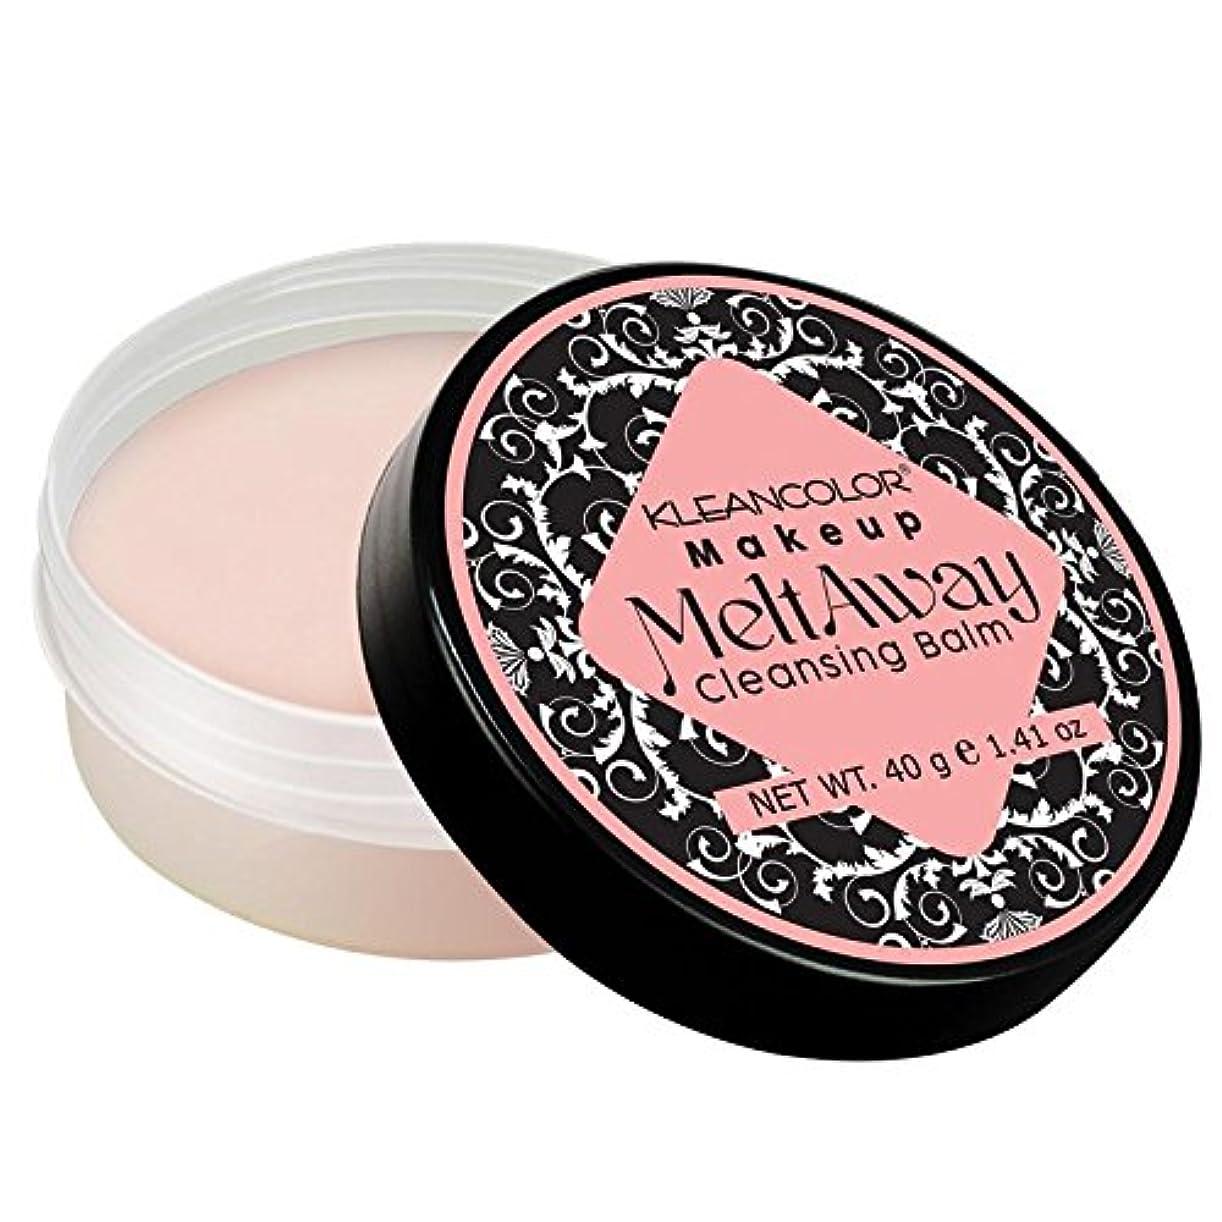 差し迫ったきつくサーキットに行くKLEANCOLOR Makeup Meltaway Cleansing Balm (並行輸入品)